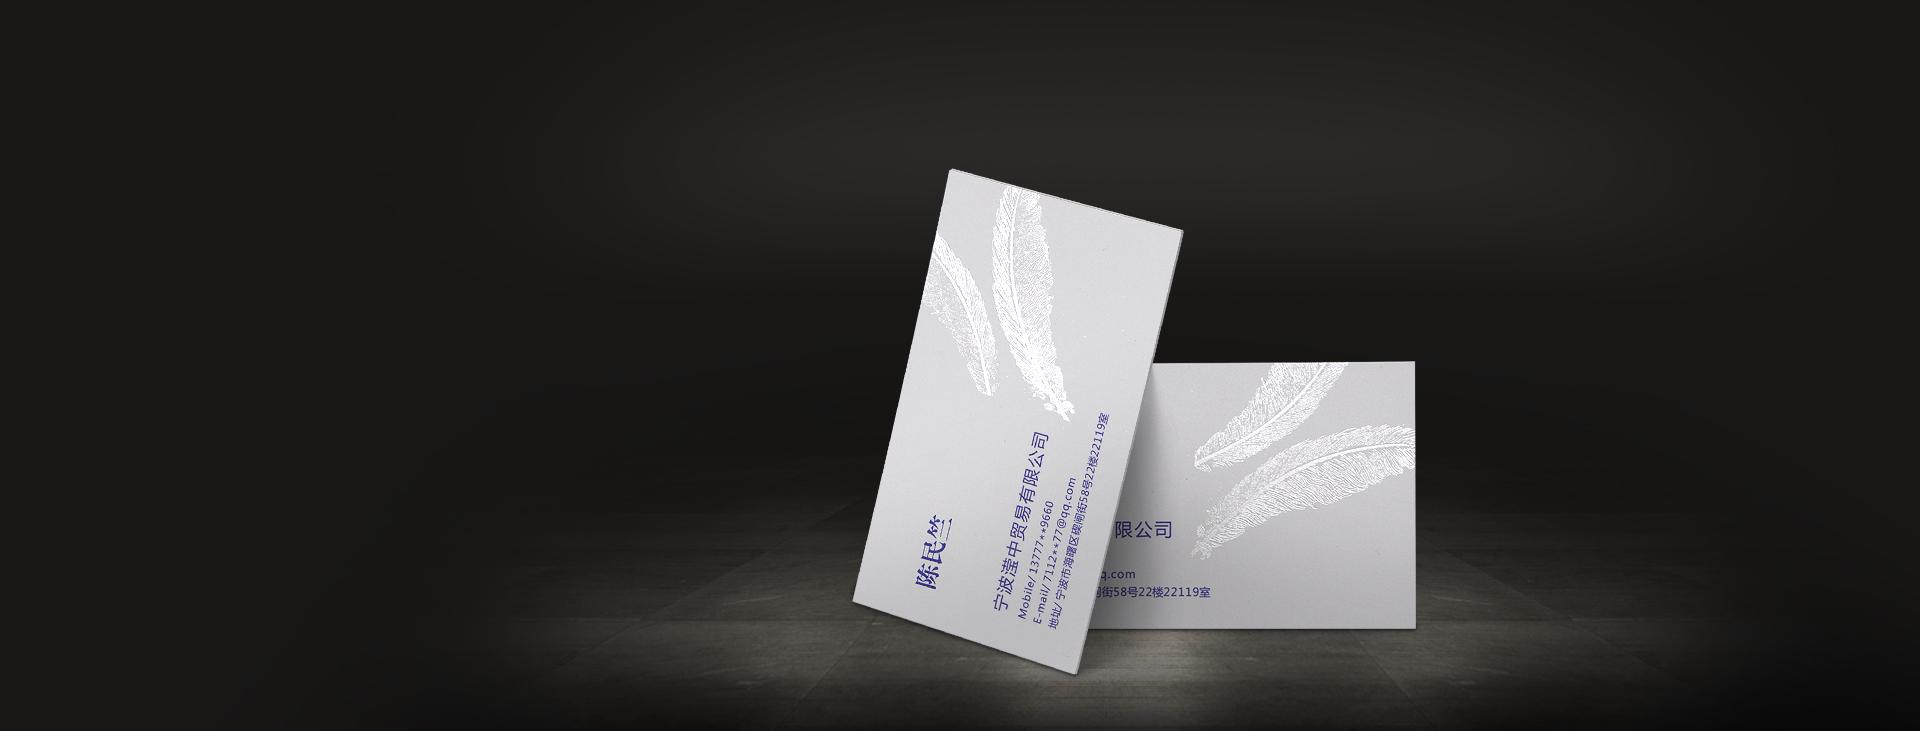 西班牙英朗磨砂纸名片印刷